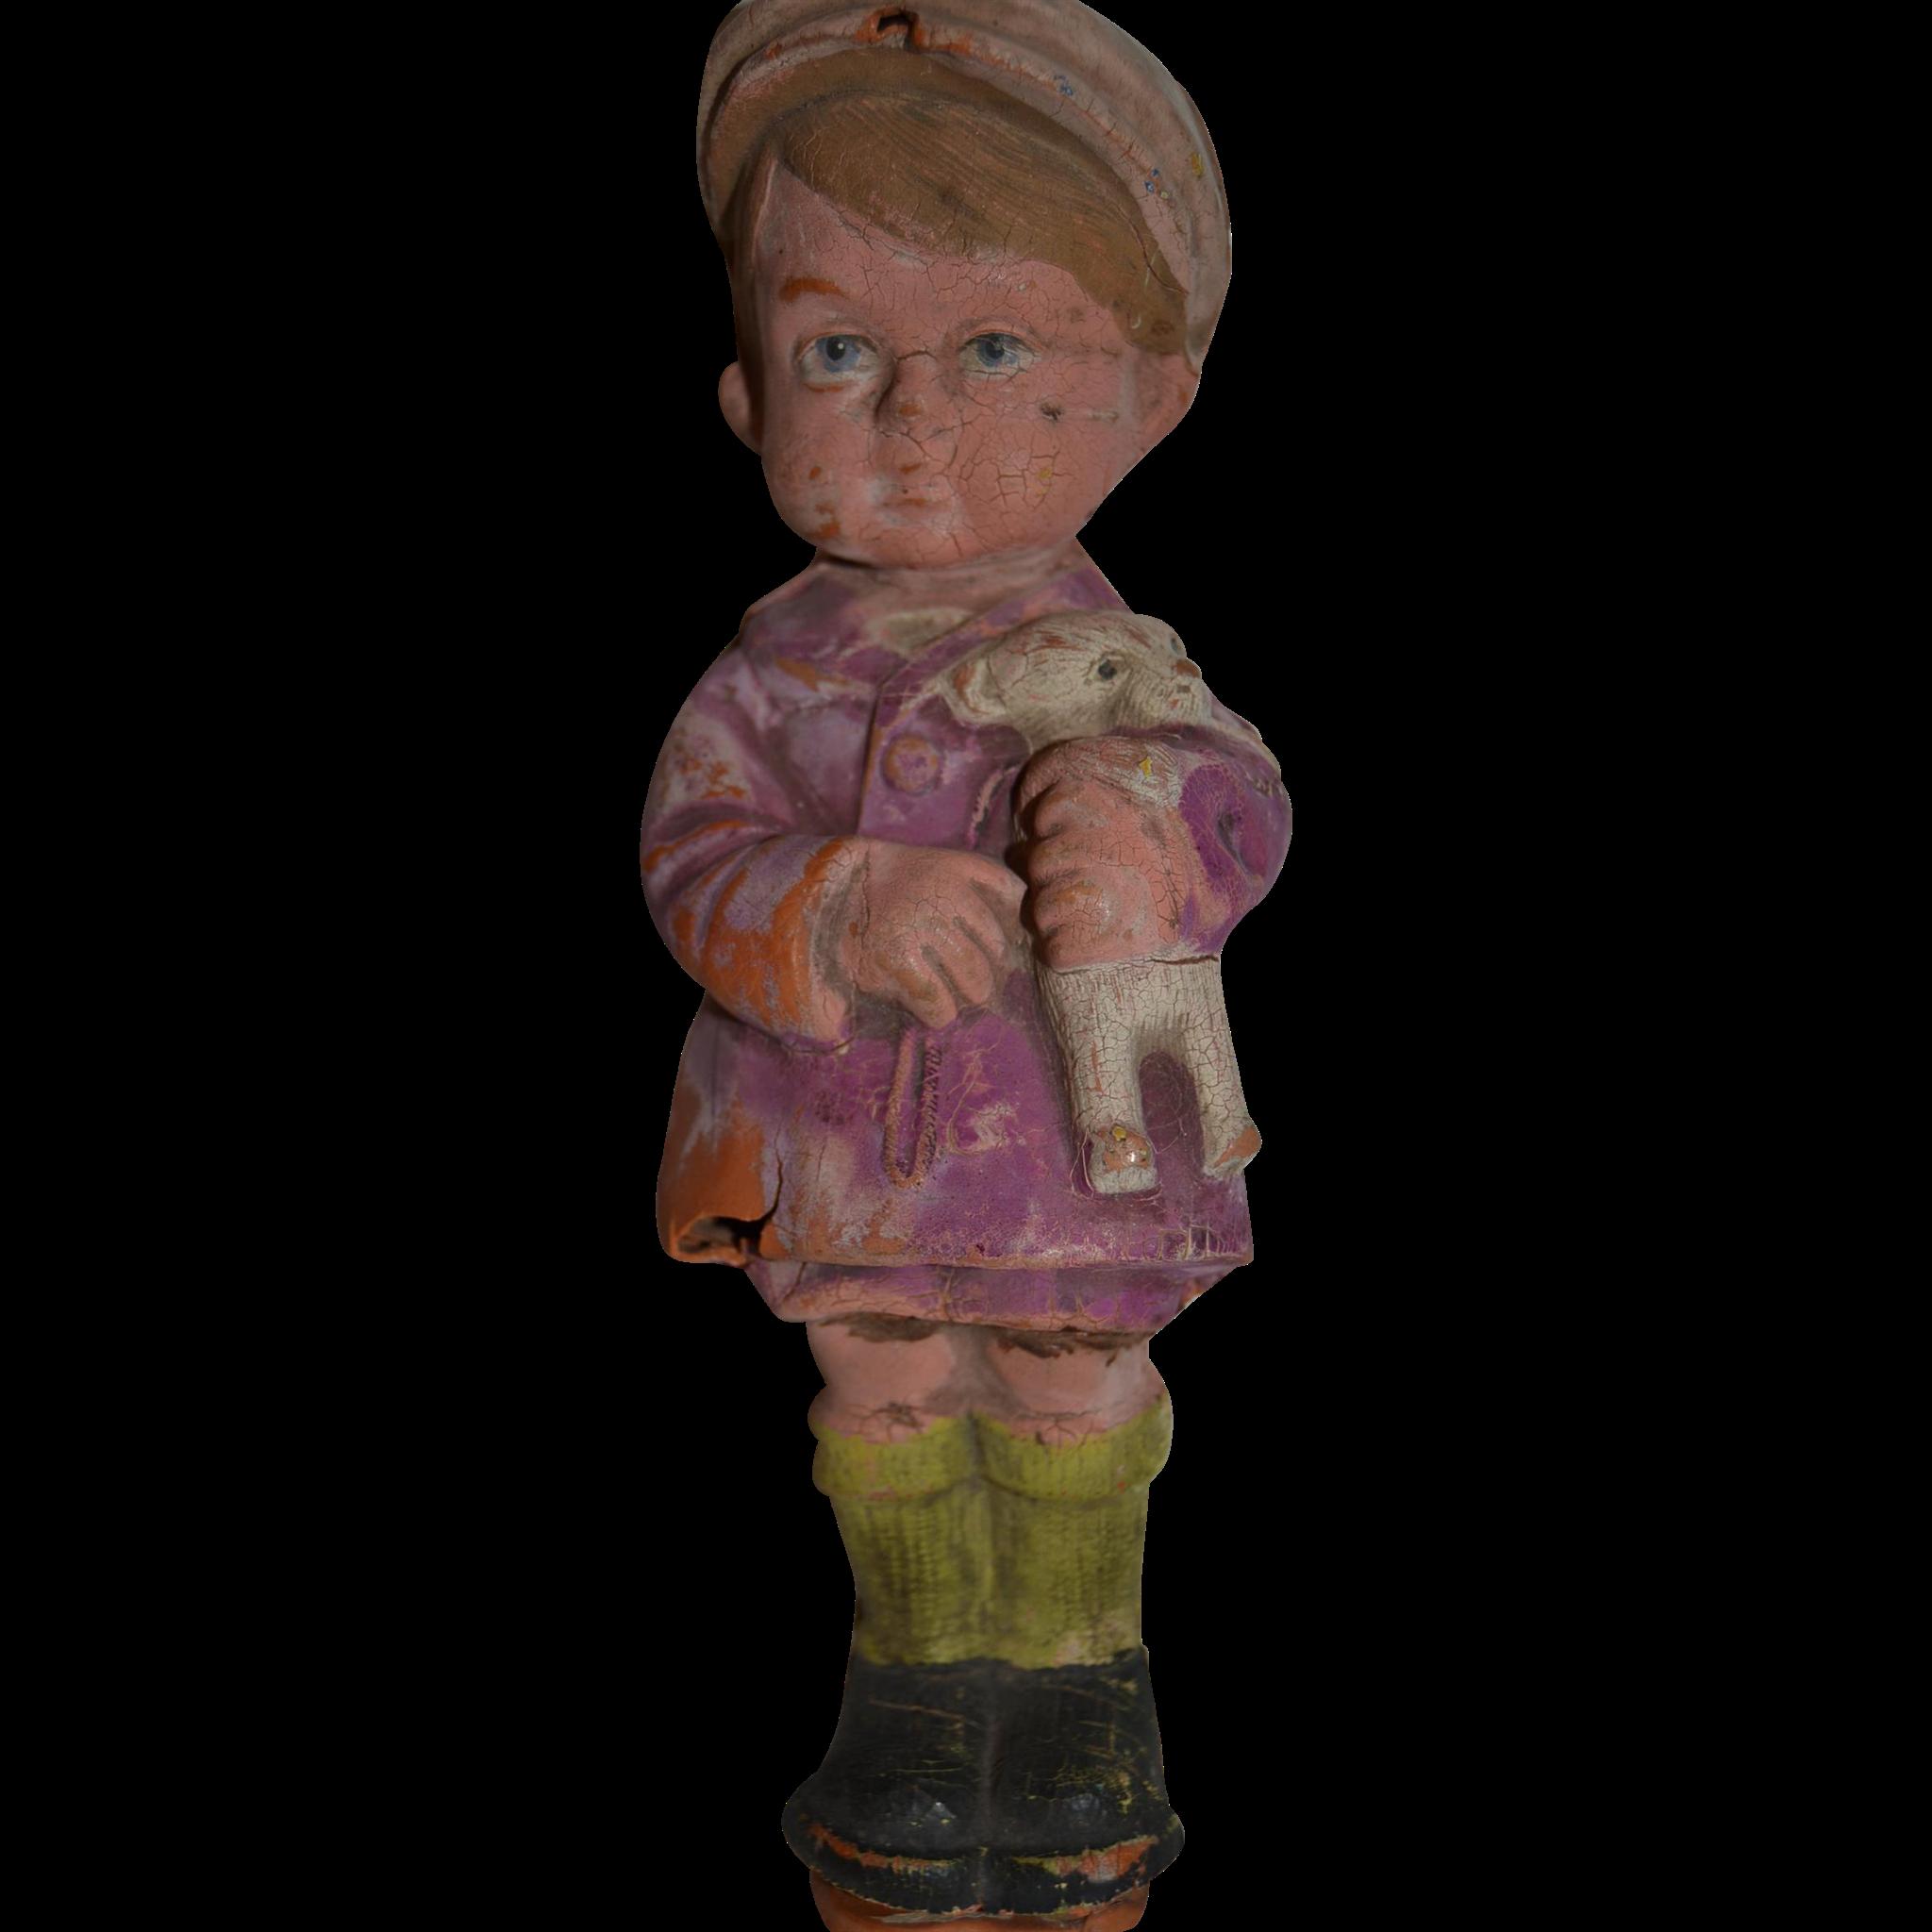 Rare 1900 rubber doll